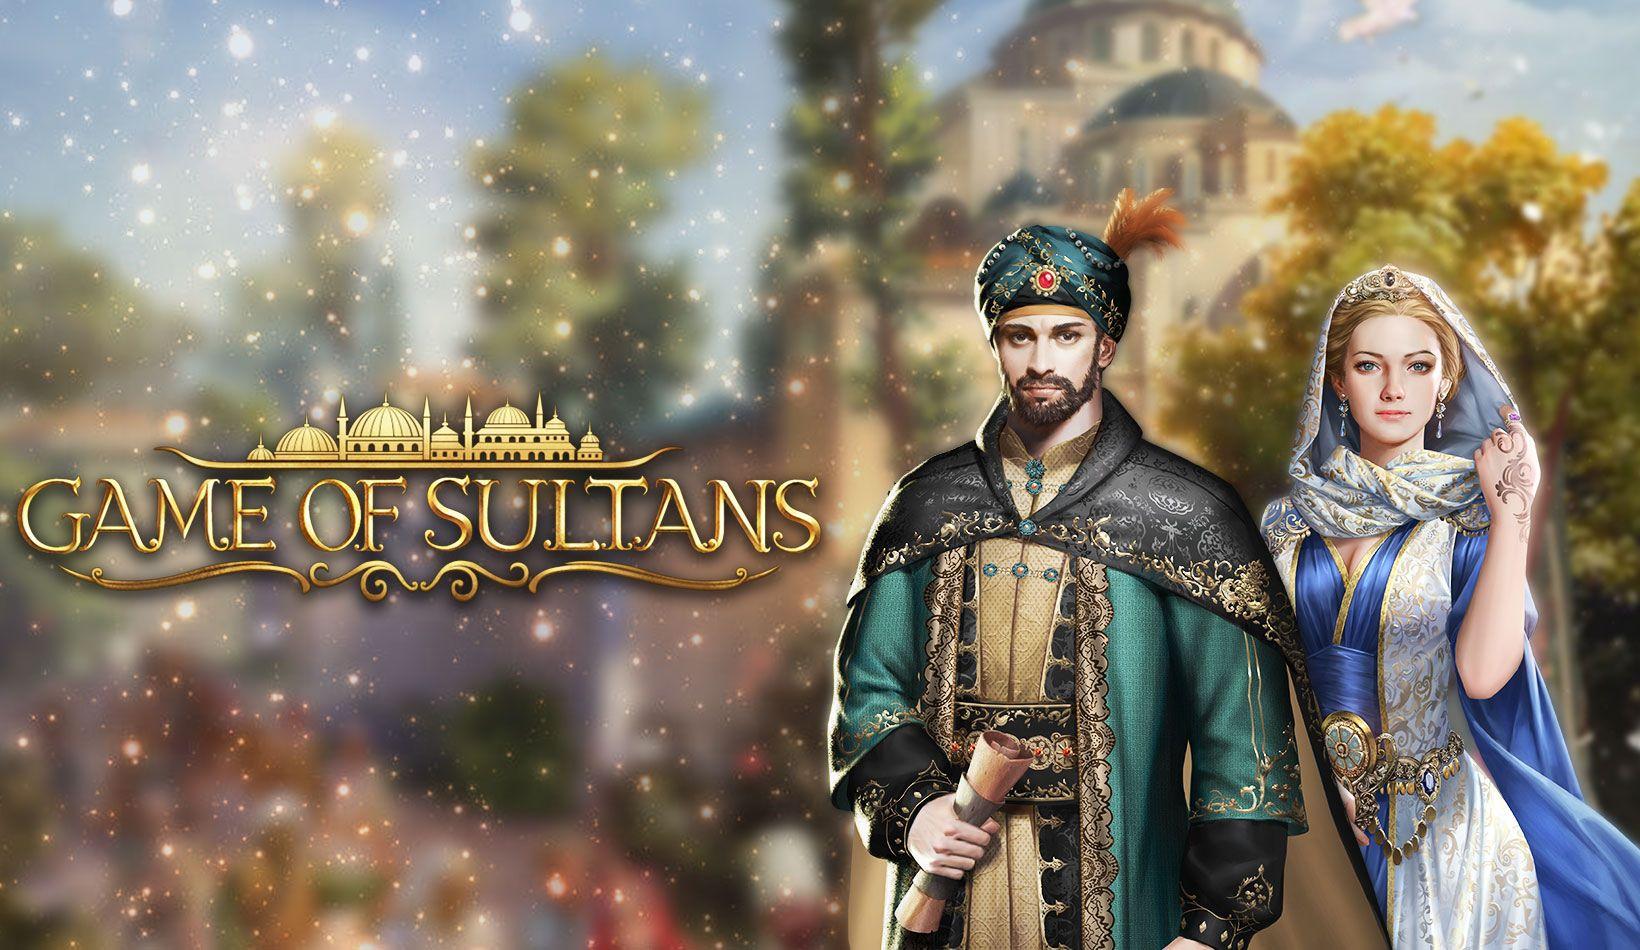 Yeni Başlayanlar İçin: Game of Sultans Rehberi